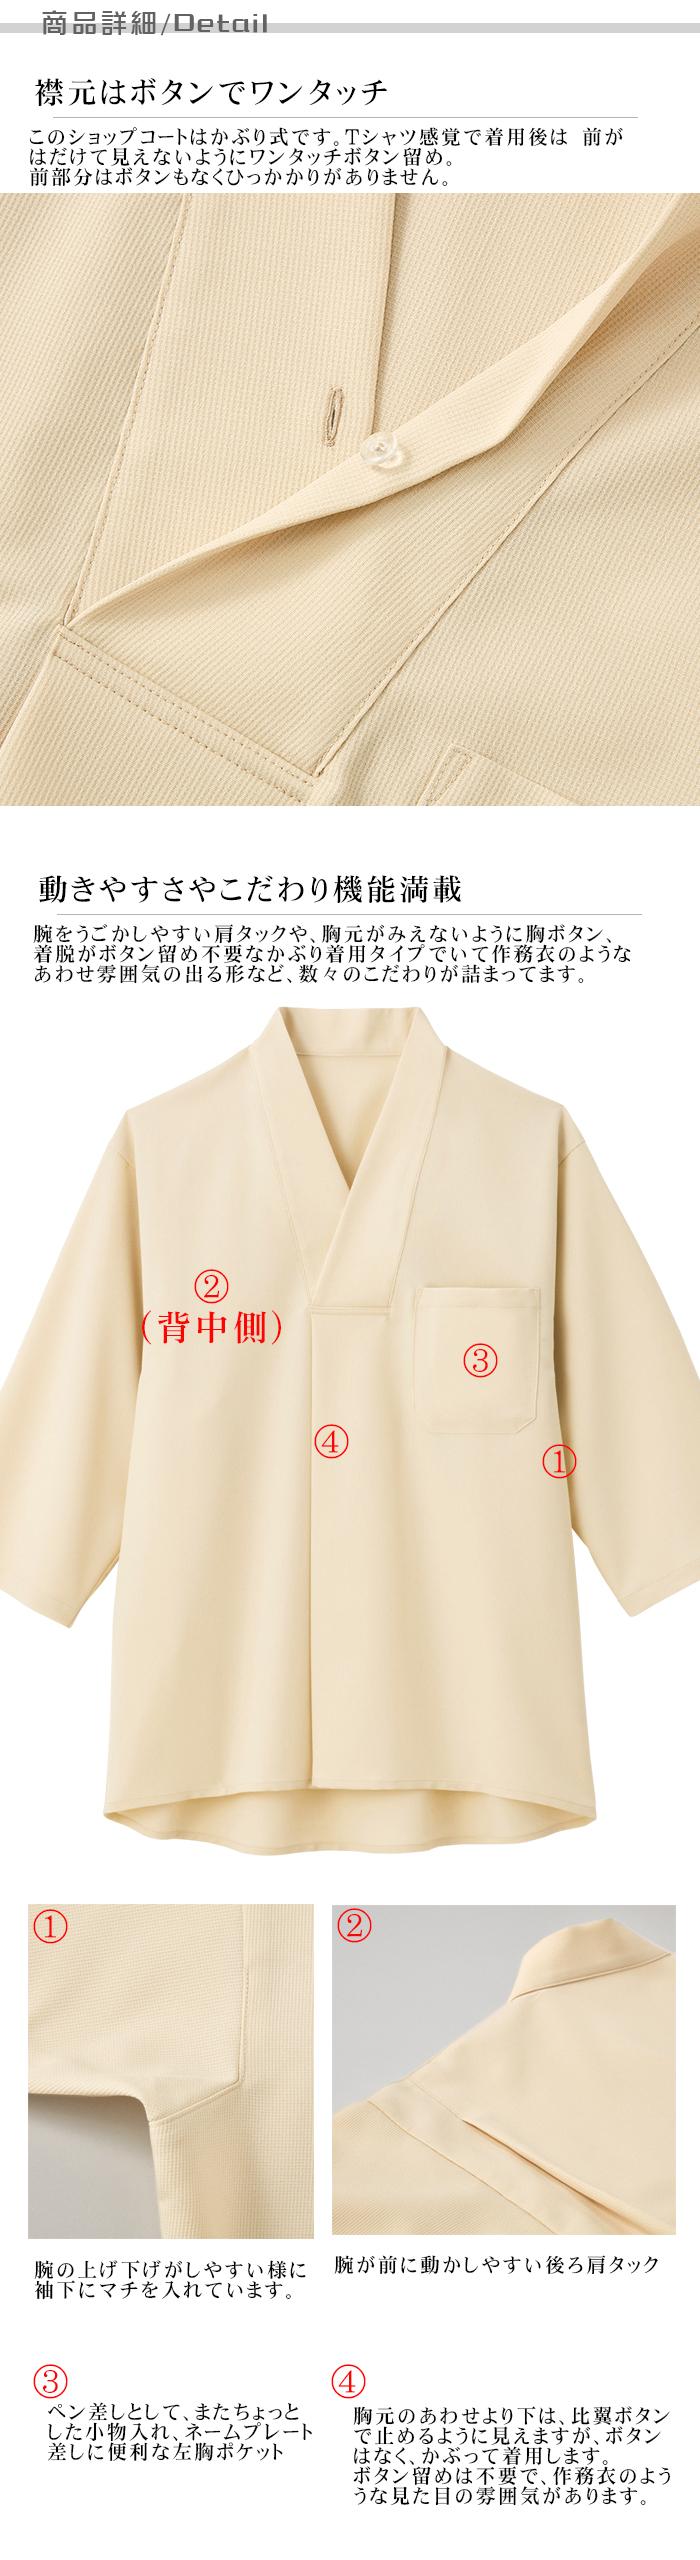 飲食店制服和風七分袖ショップコート 衿元が個性的な和シャツ 男女兼用3色   商品詳細説明